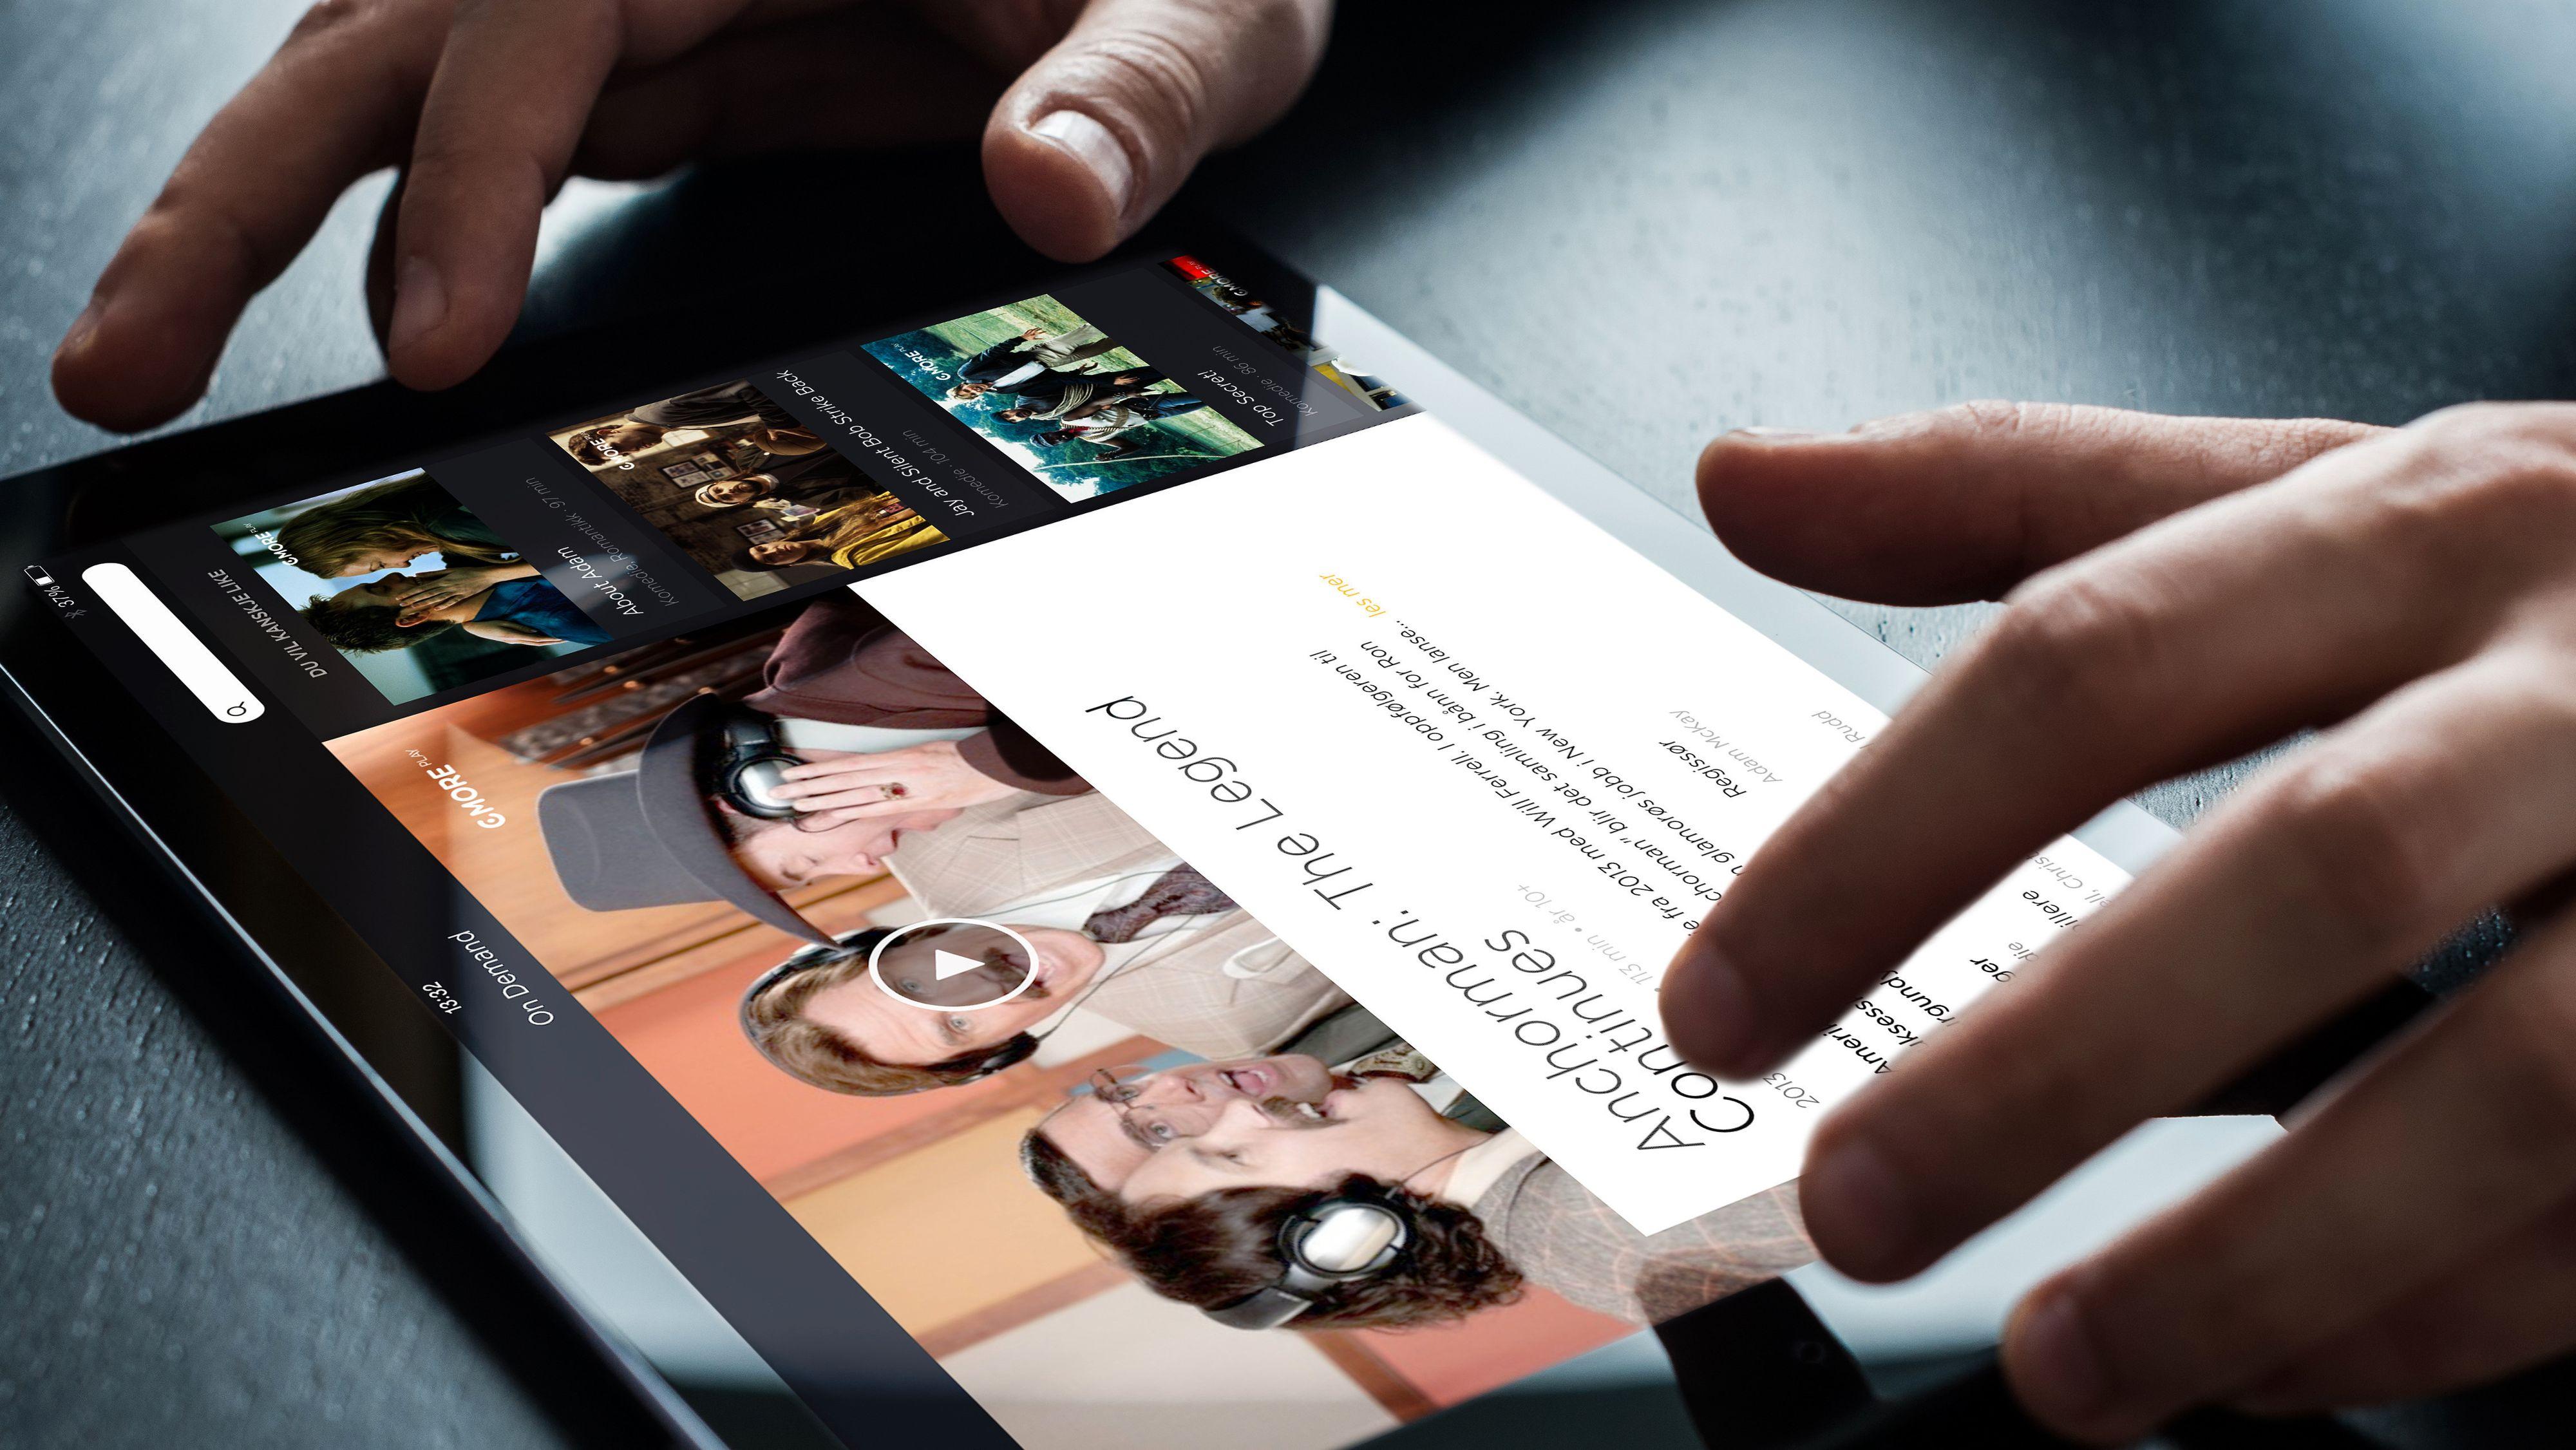 iPaden begynner å ta en rolle som TV nummer to. Her Canal Digitals nye grensesnitt.Foto: Canal Digital